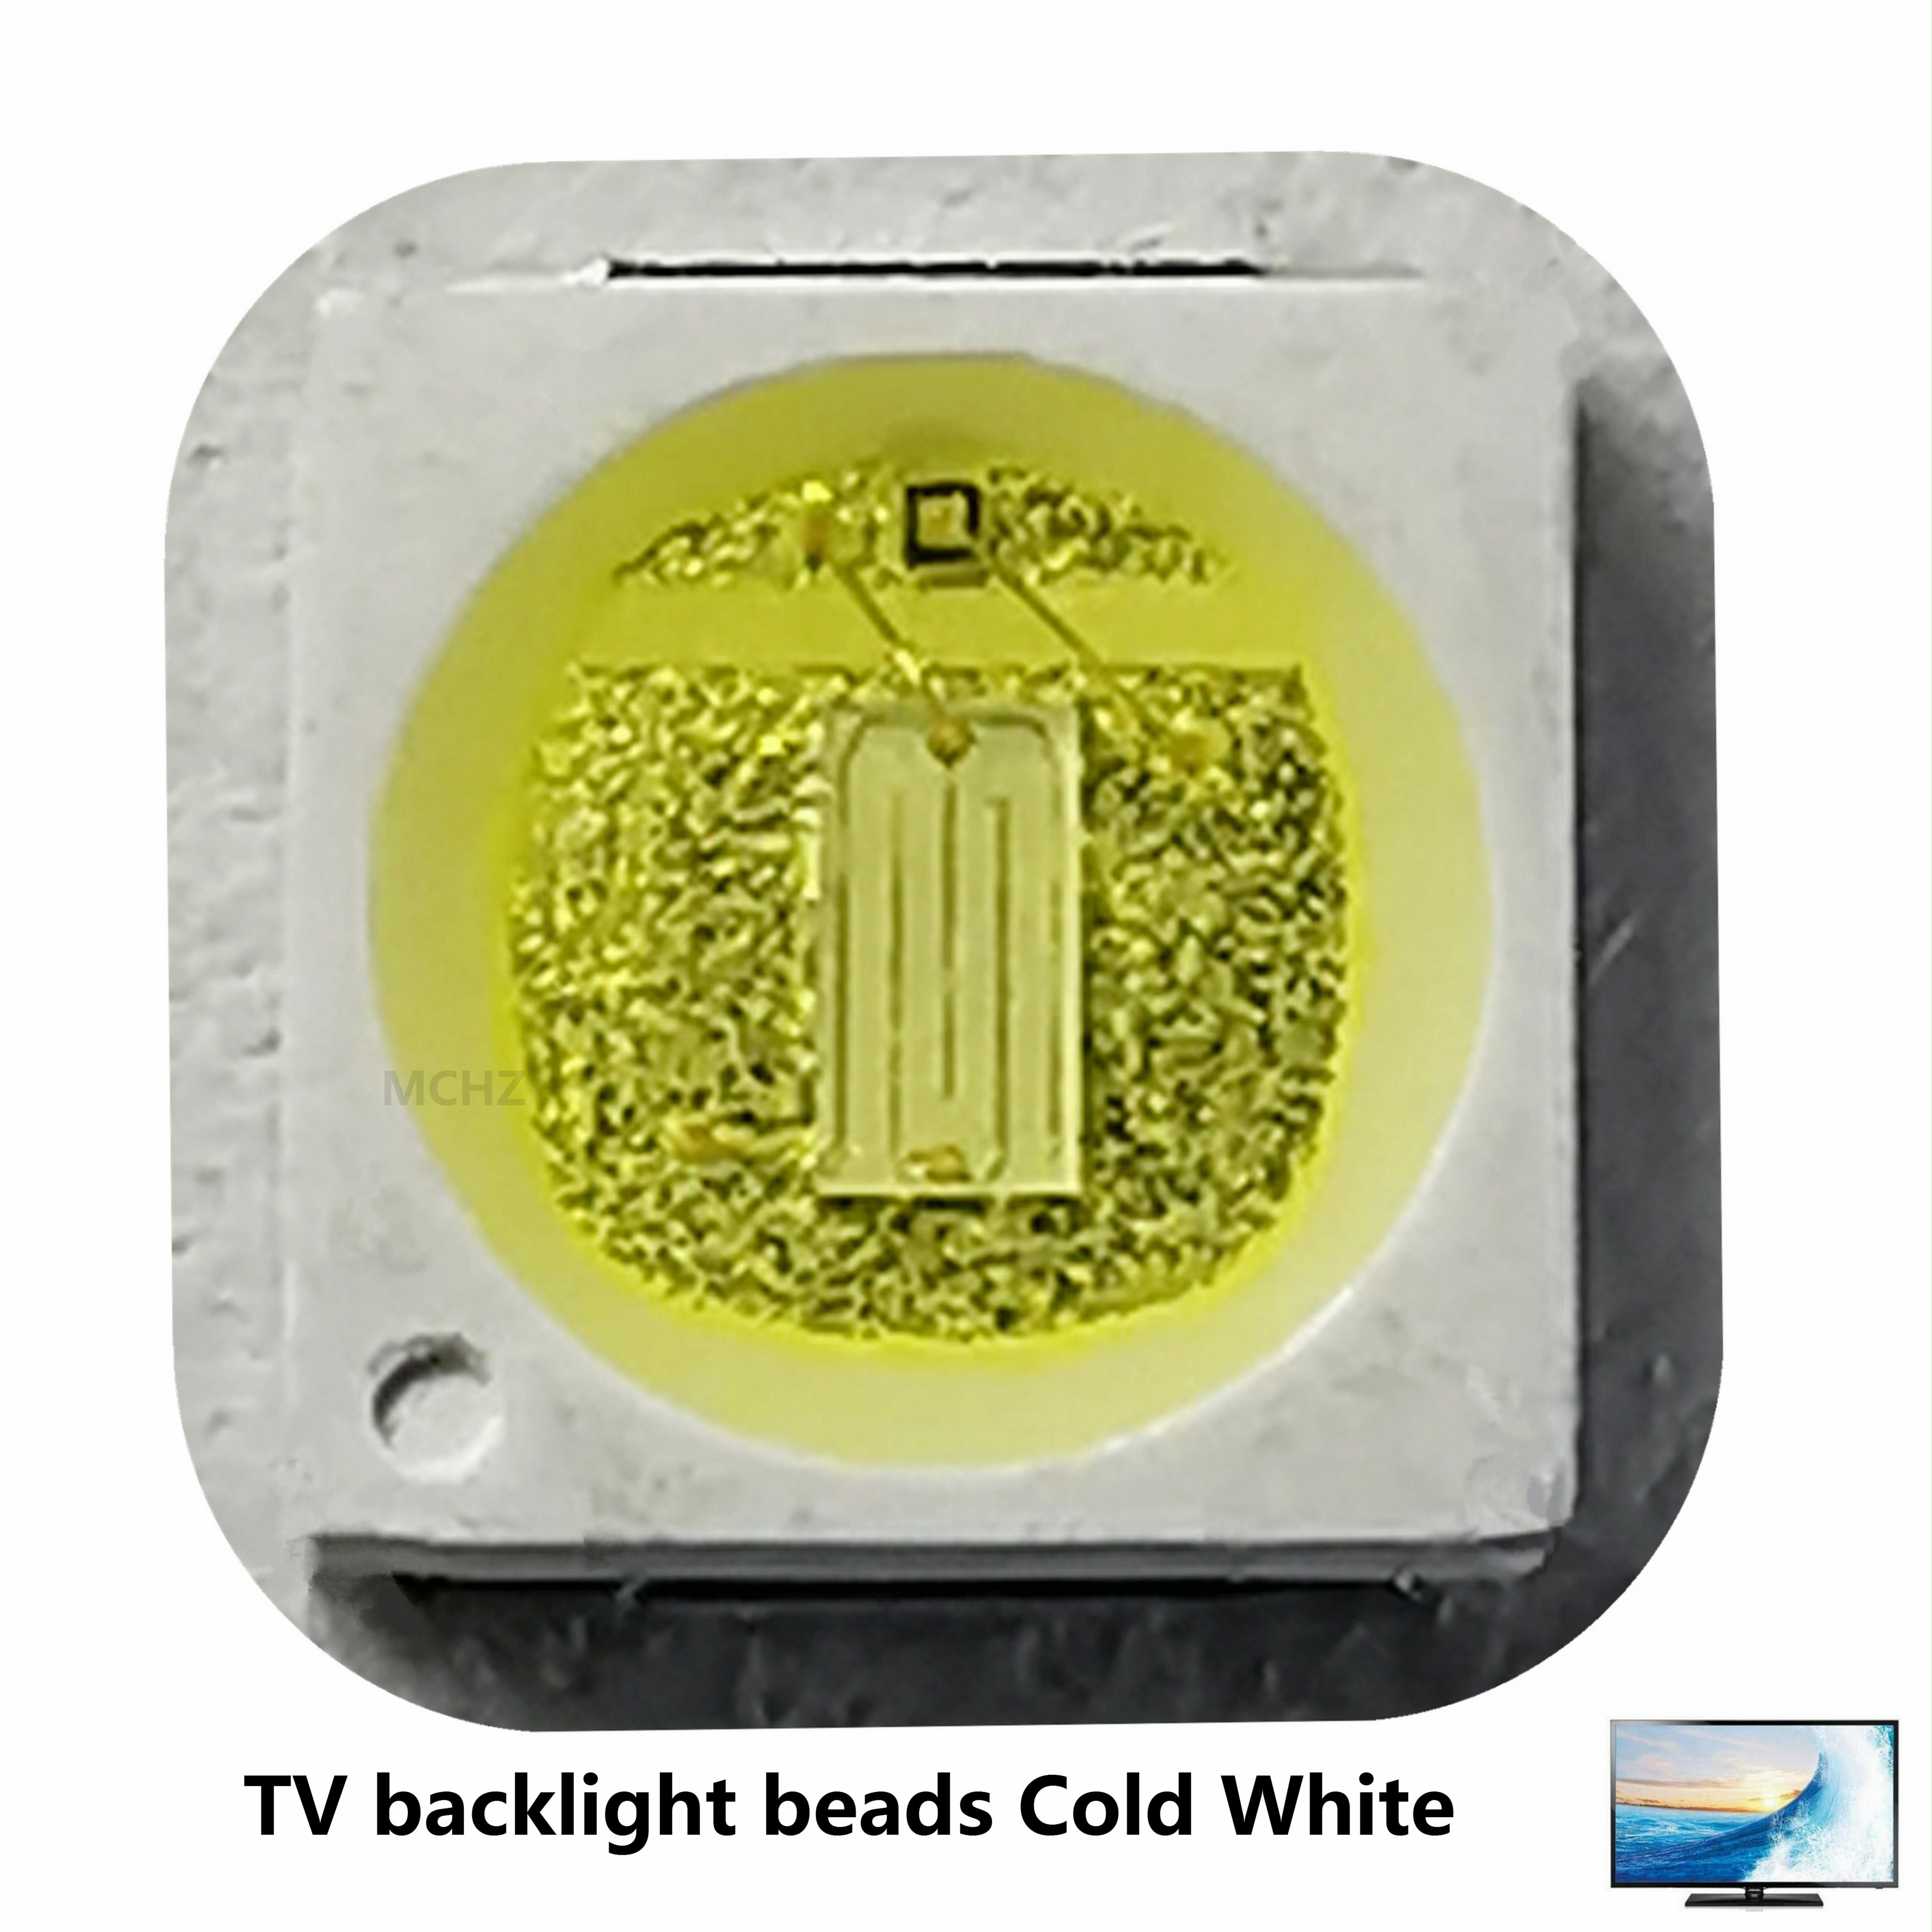 100pcs 3030 Backlight High Power LED DOUBLE CHIPS 1.5W 3V-3.6V Lextar JUFEI AOT  Cool White PT30A66 TV